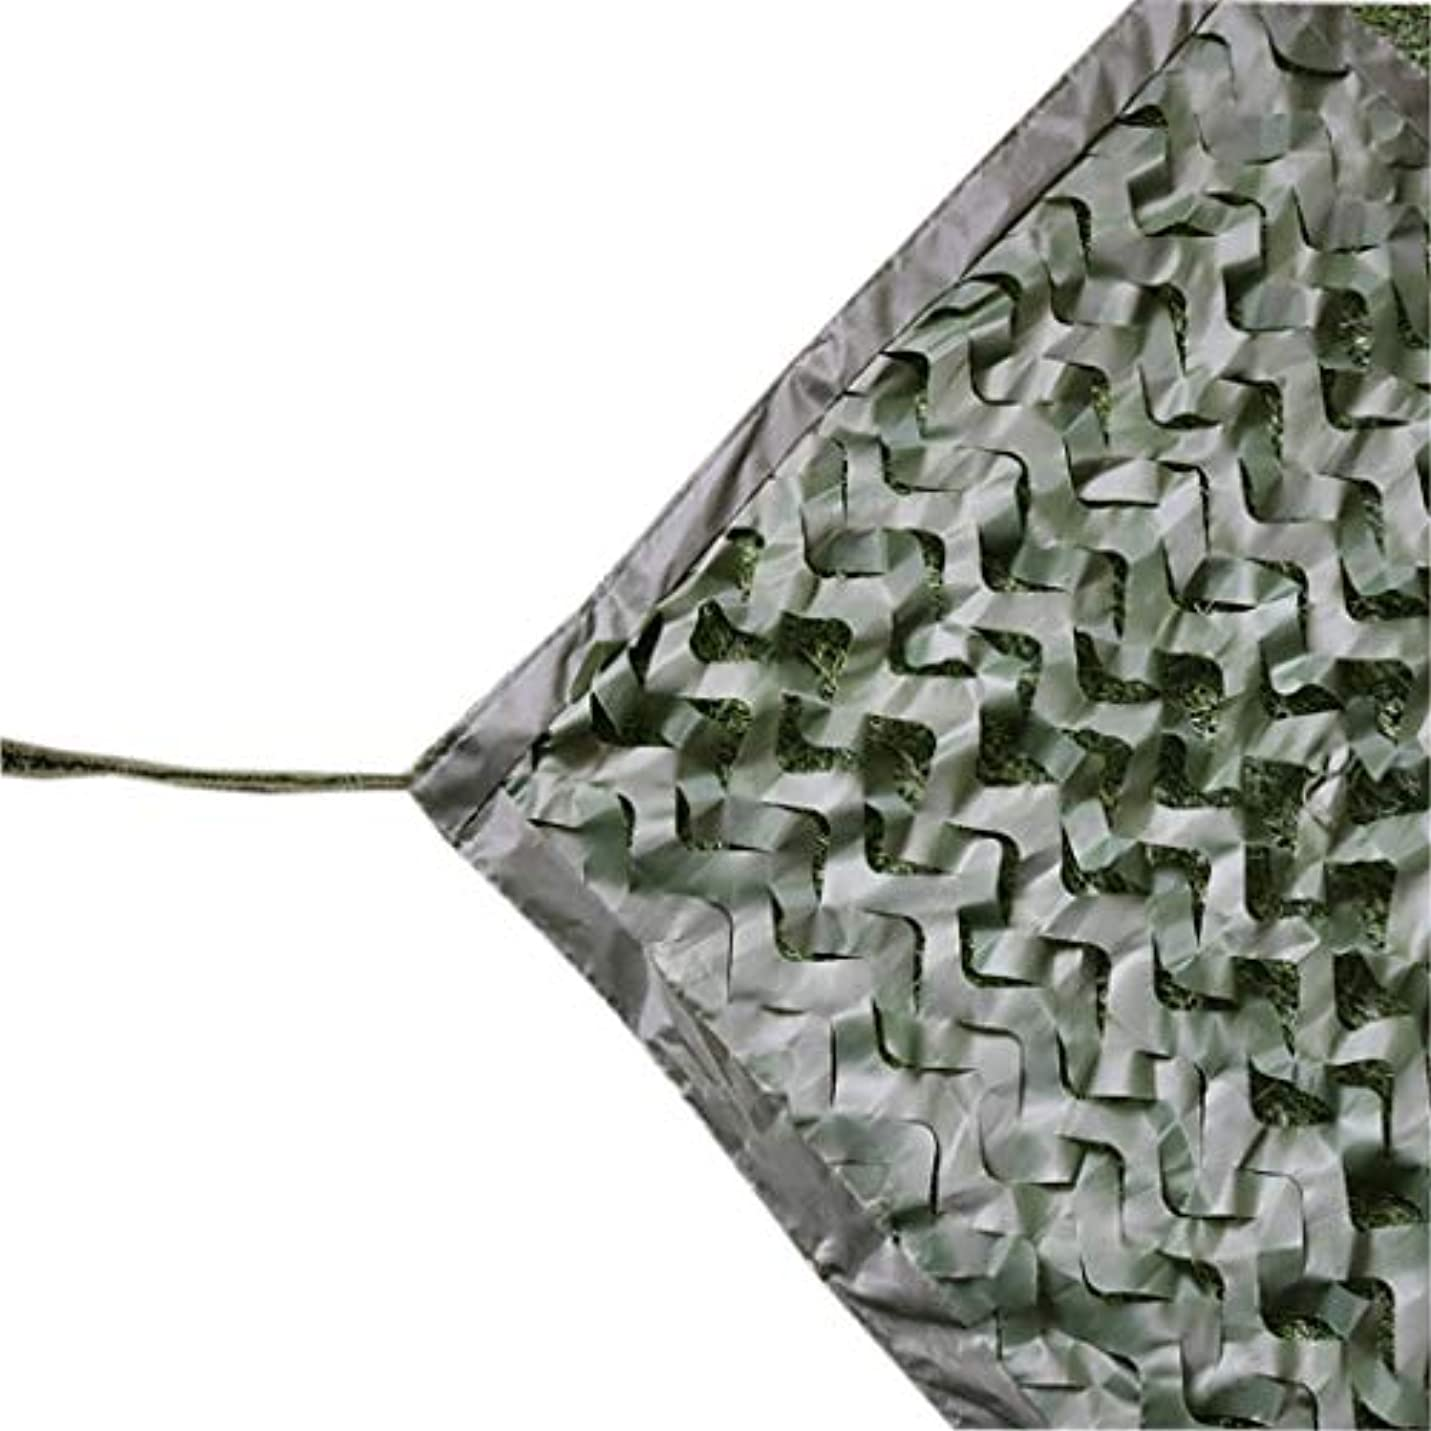 部トランザクション不合格Gaoye 純迷彩、屋外空中迷彩キャンプ軍事狩猟射撃日焼け止めネットのための純粋な緑の迷彩サイズオプション迷彩ネット (Size : 10x10m)